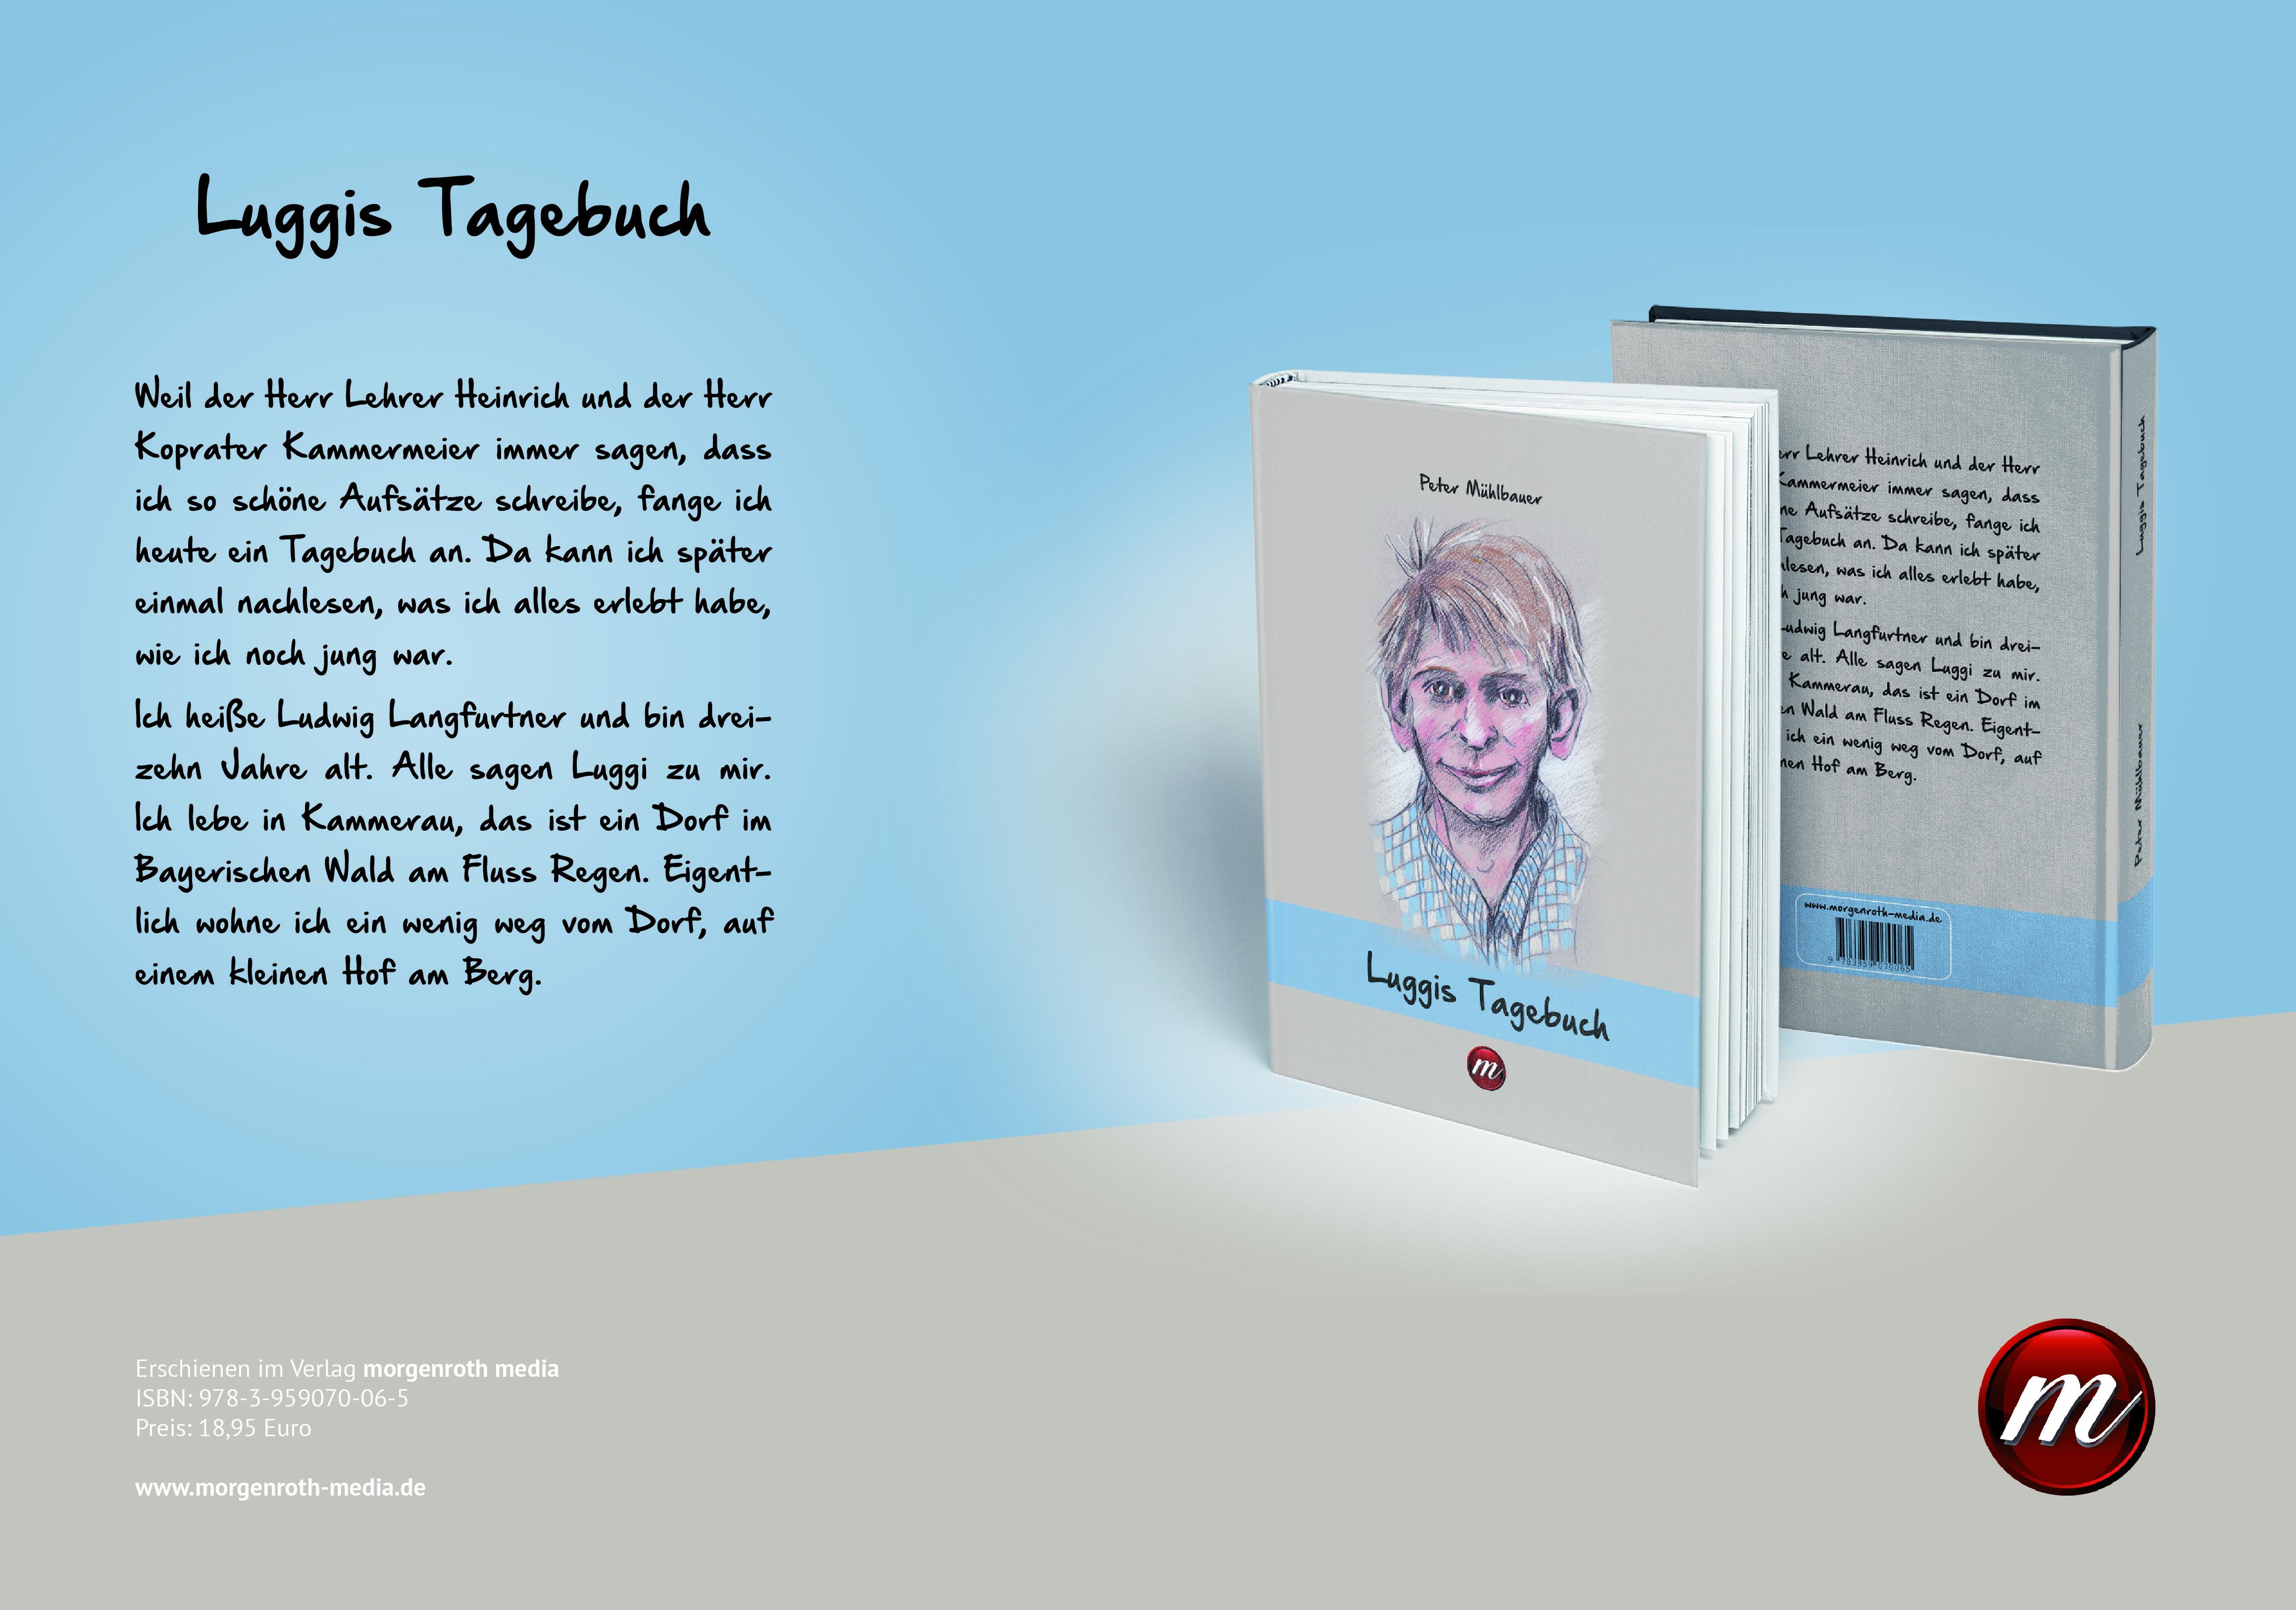 Luggis Tagebuch